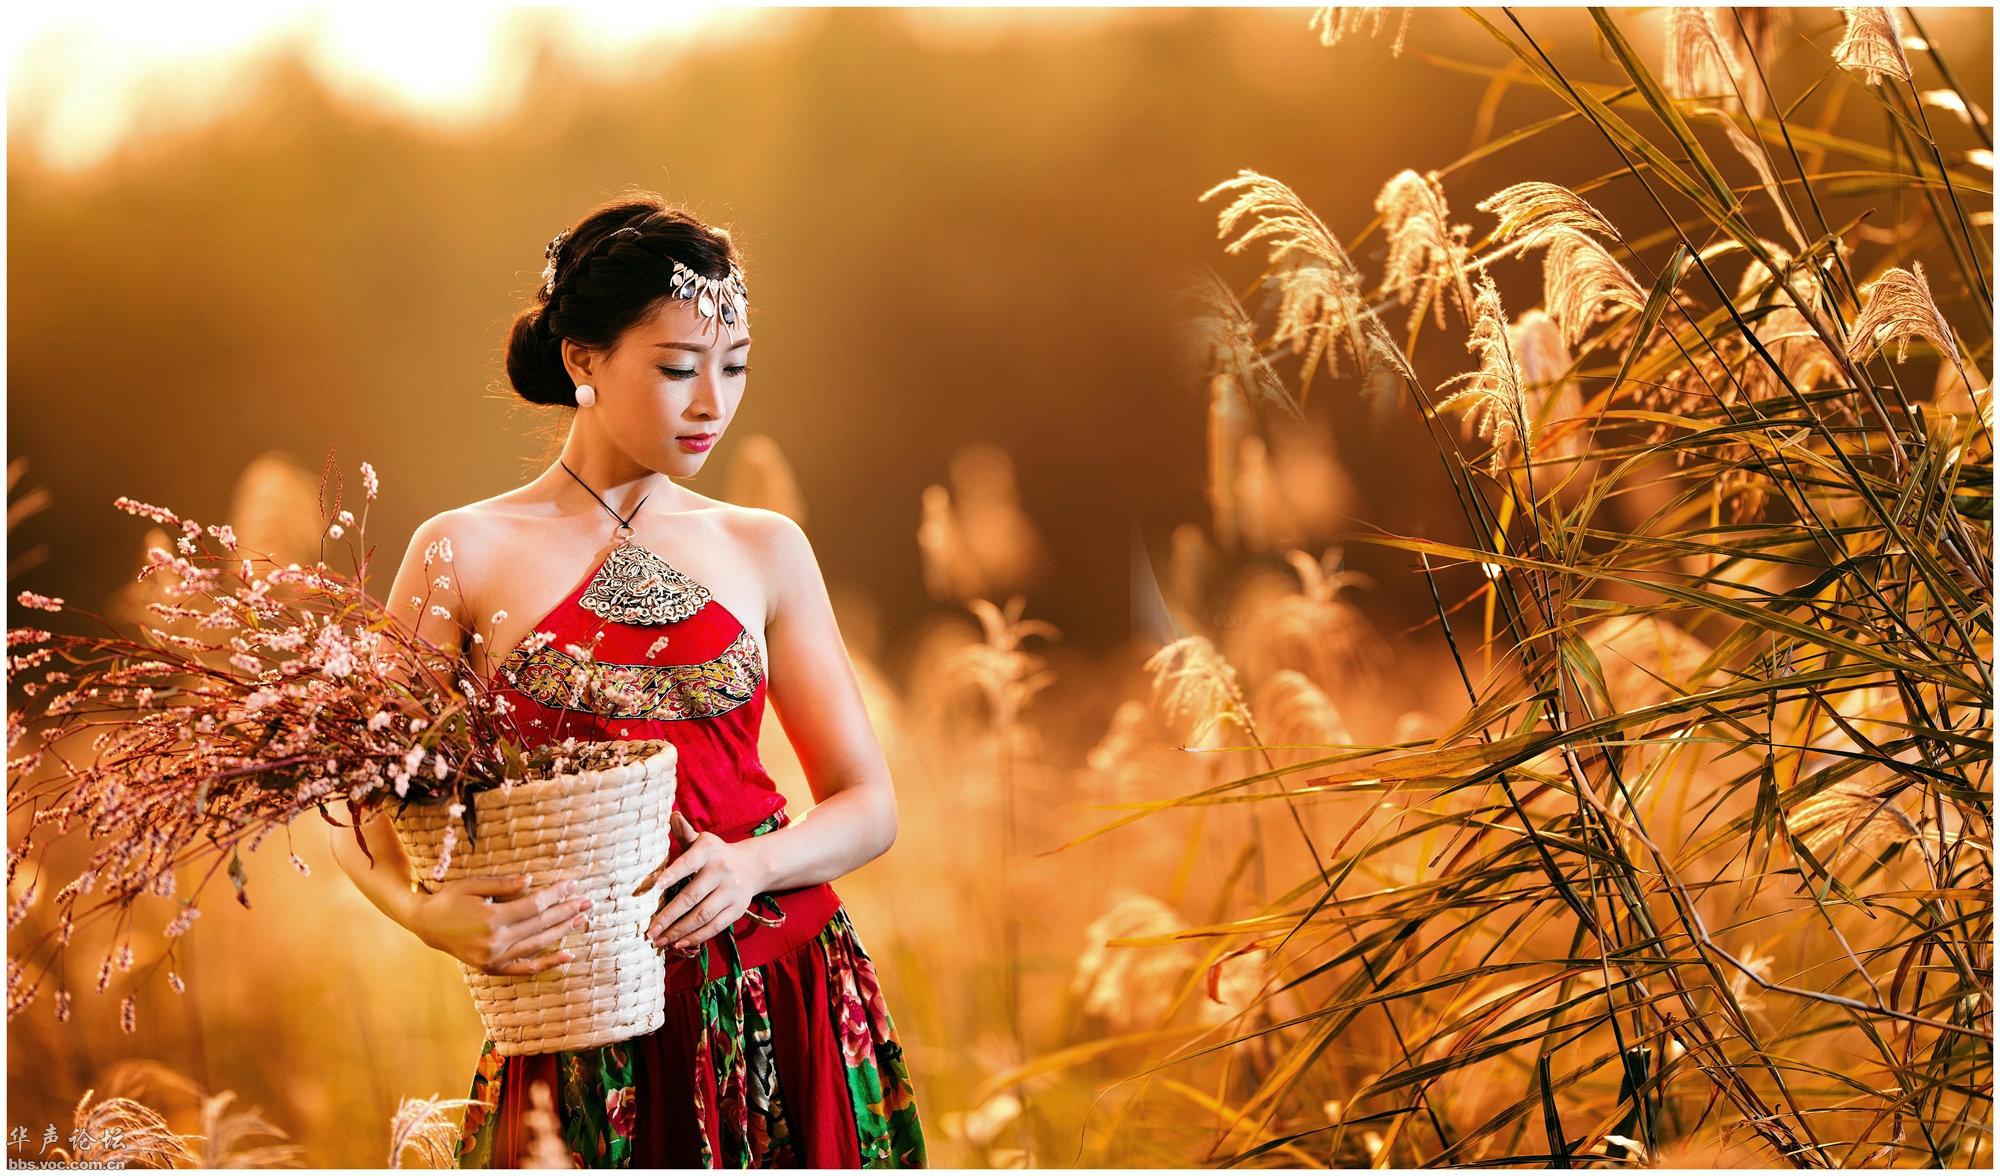 天涯相望难相逢,望穿秋水终成梦【情感美文】  -  花仙子 - 花仙子的博客